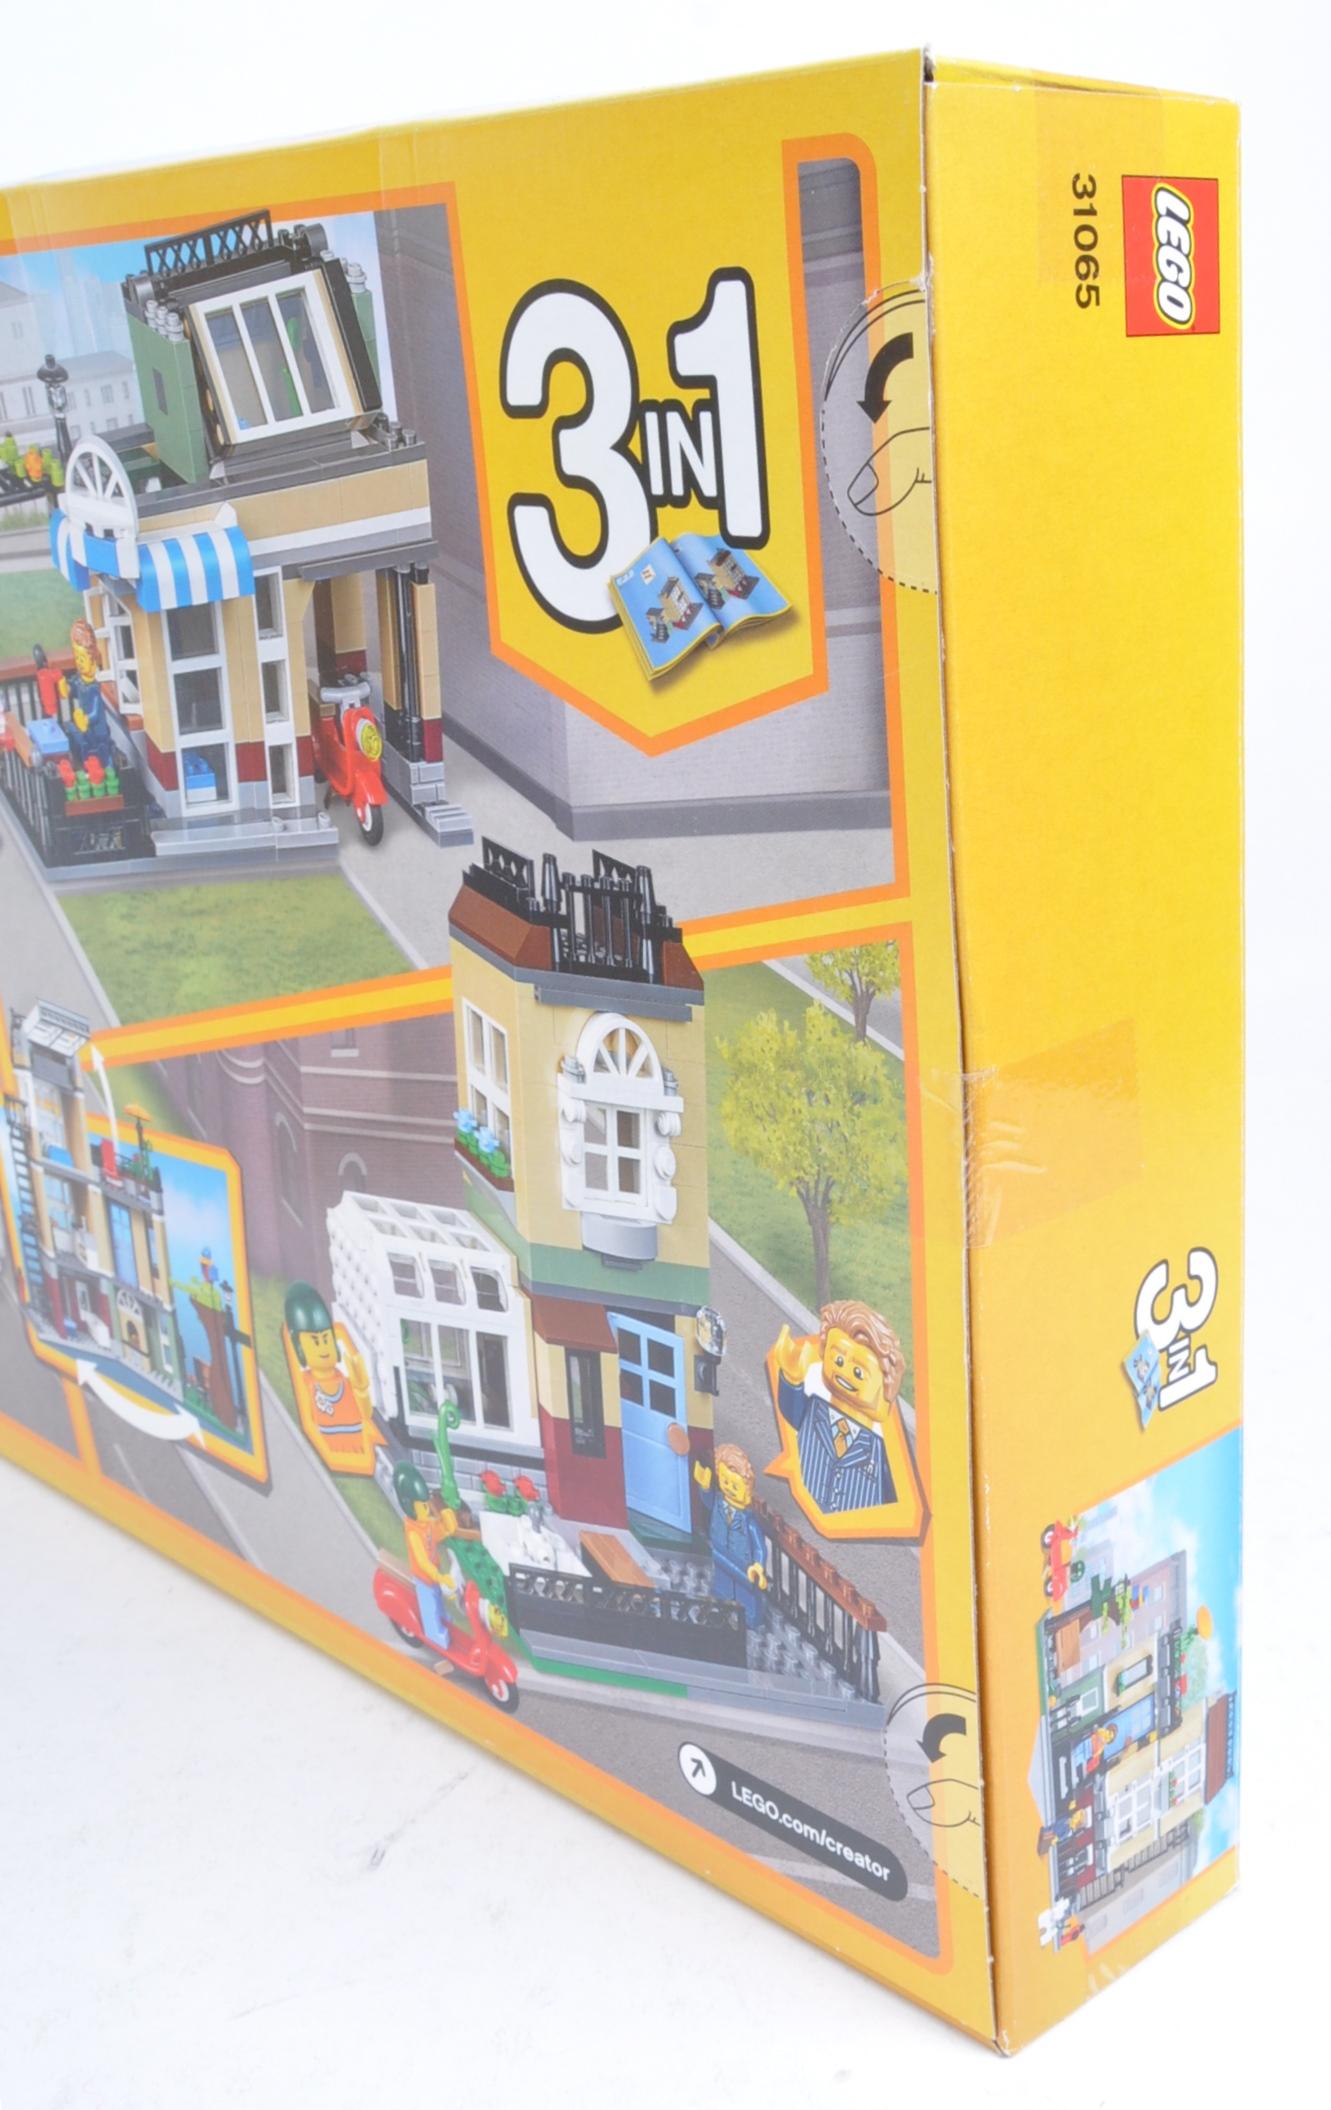 LEGO SETS - LEGO CREATOR - 31065 / 31069 - Image 3 of 6